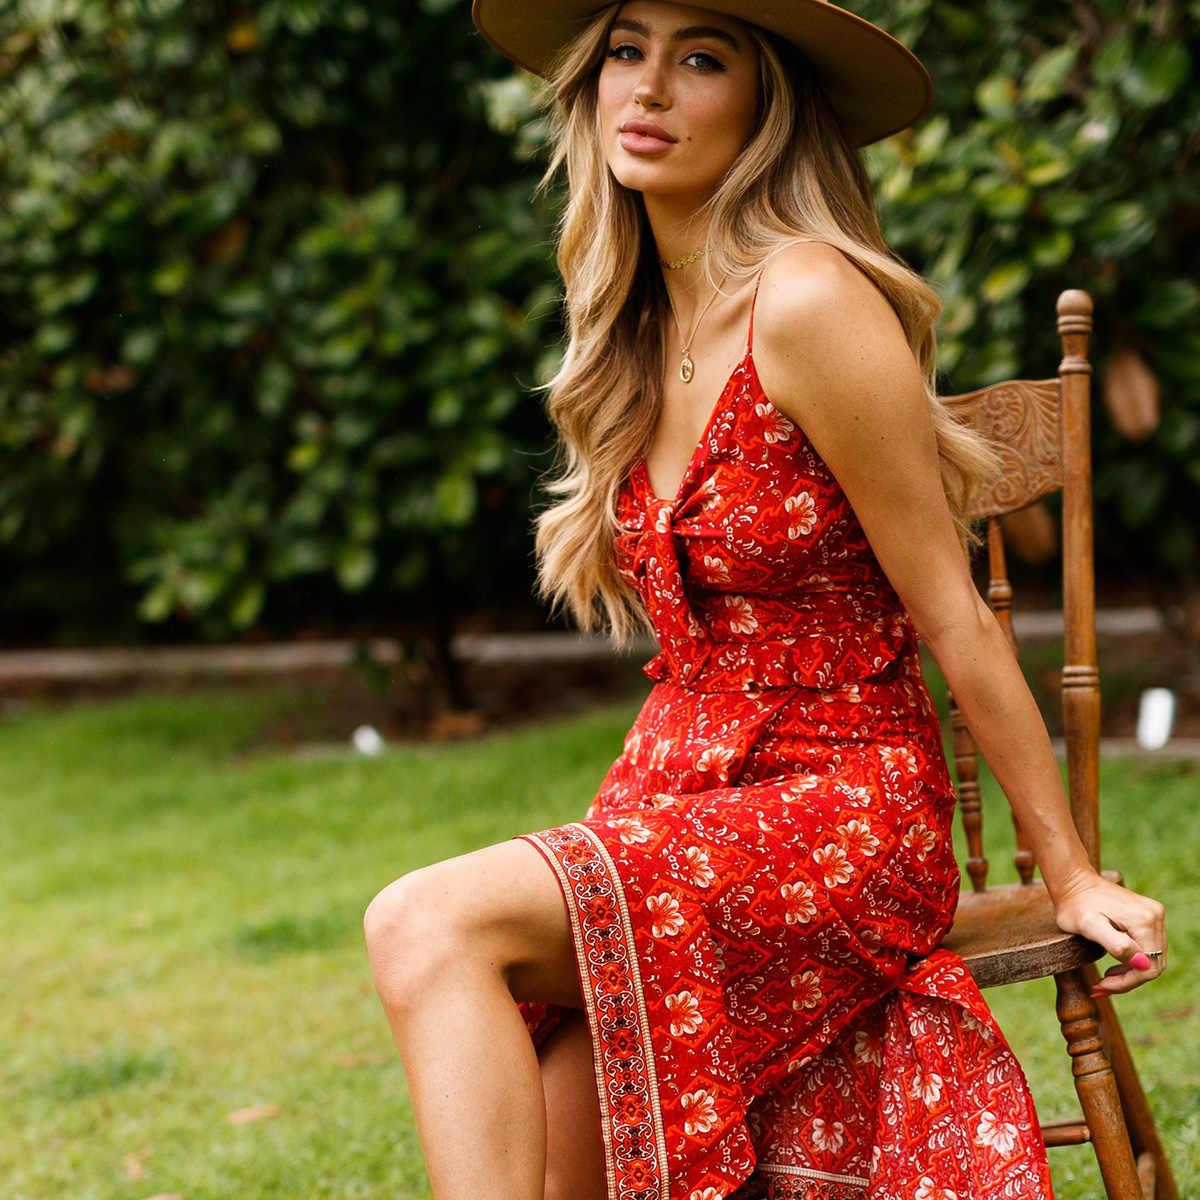 Jastie 2019 летний комплект из 2 предметов платье на шнуровке спереди топ + миди юбка Женский комплект Бохо красный цветочный принт платья сексуальный Слинг платье костюм